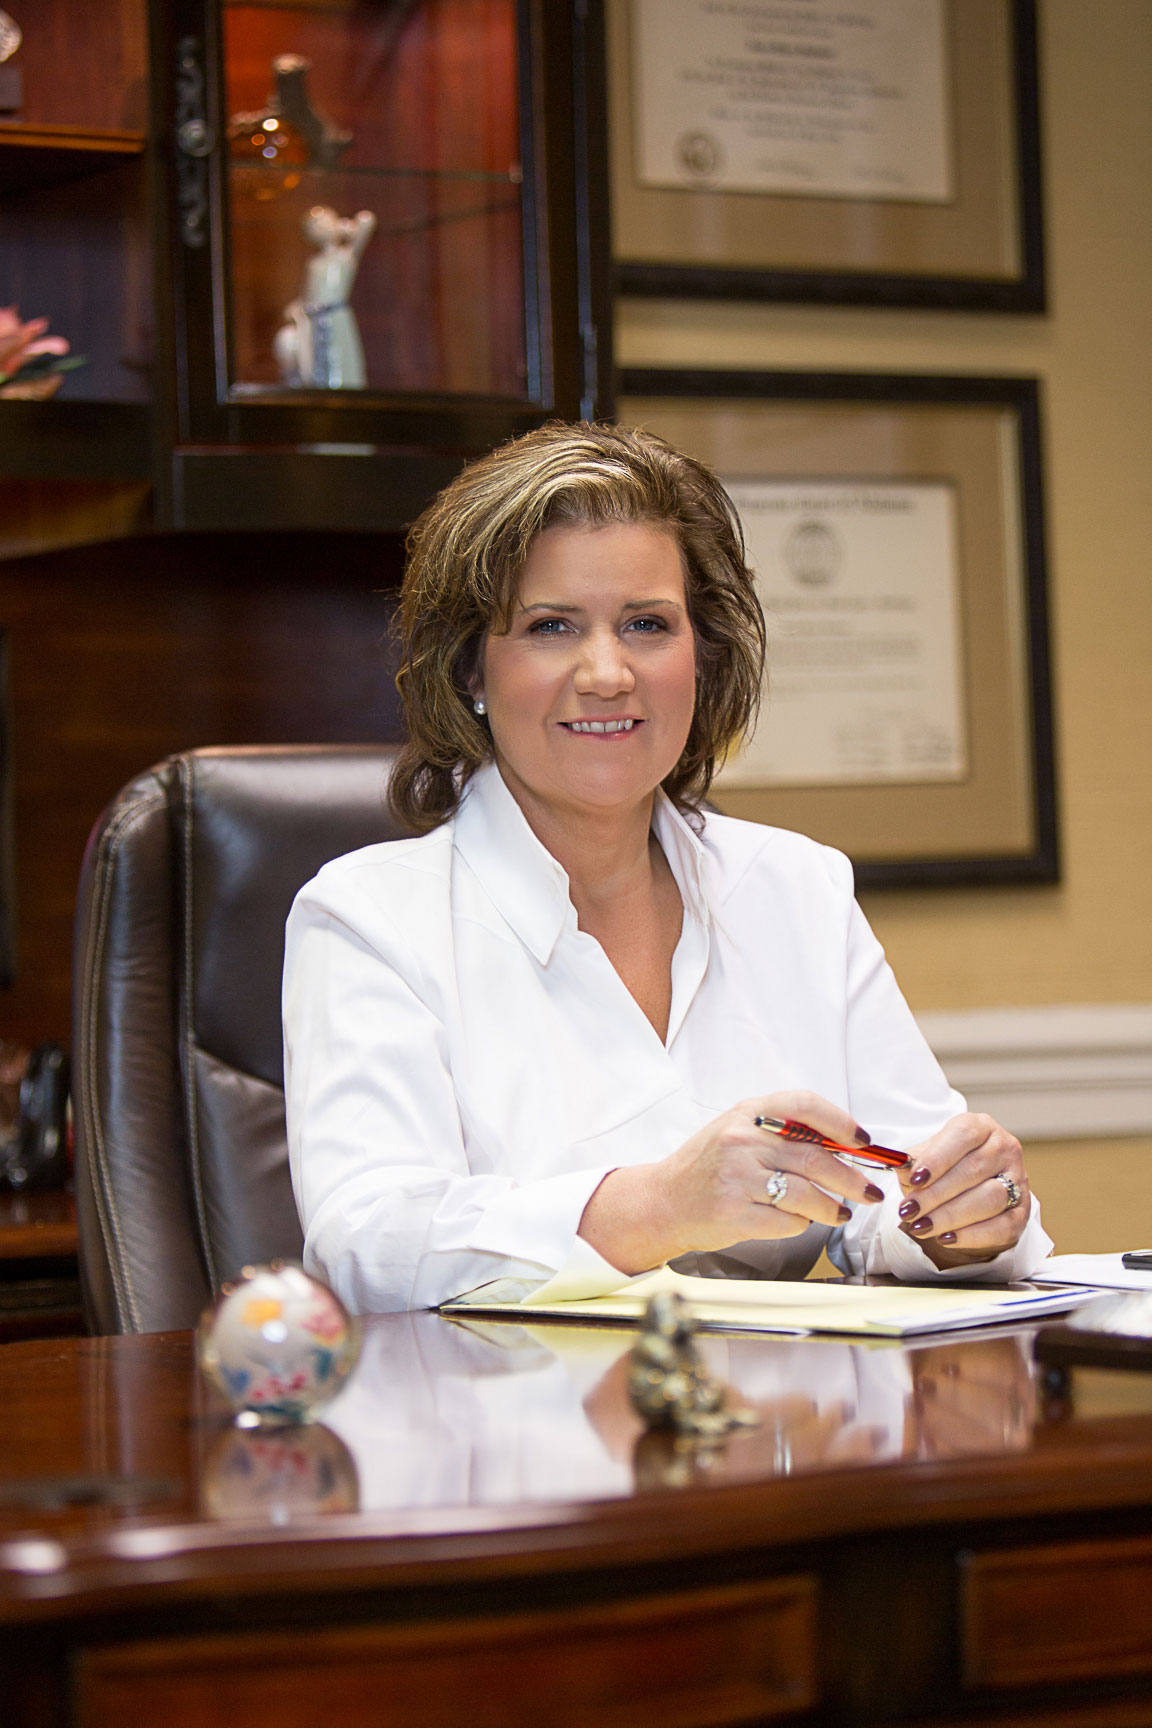 Joan-Marie Sullivan